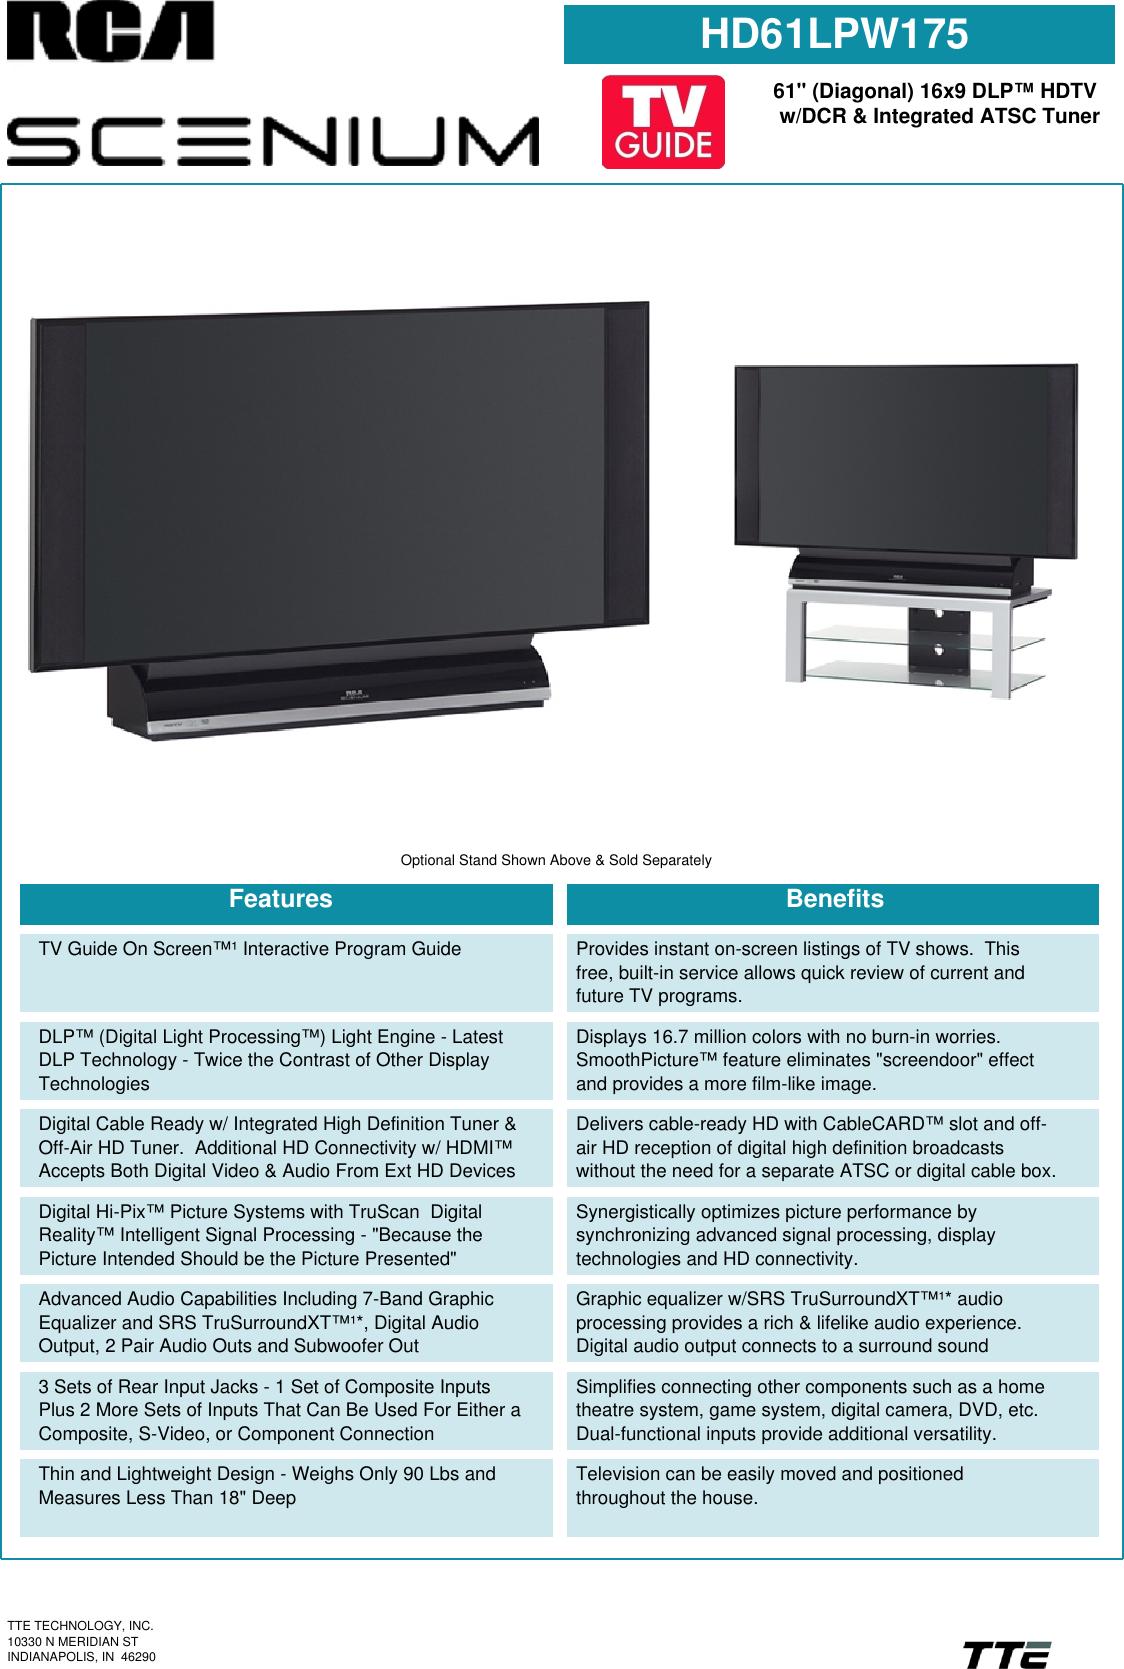 Rca Scenium Hd61Lpw175 Users Manual